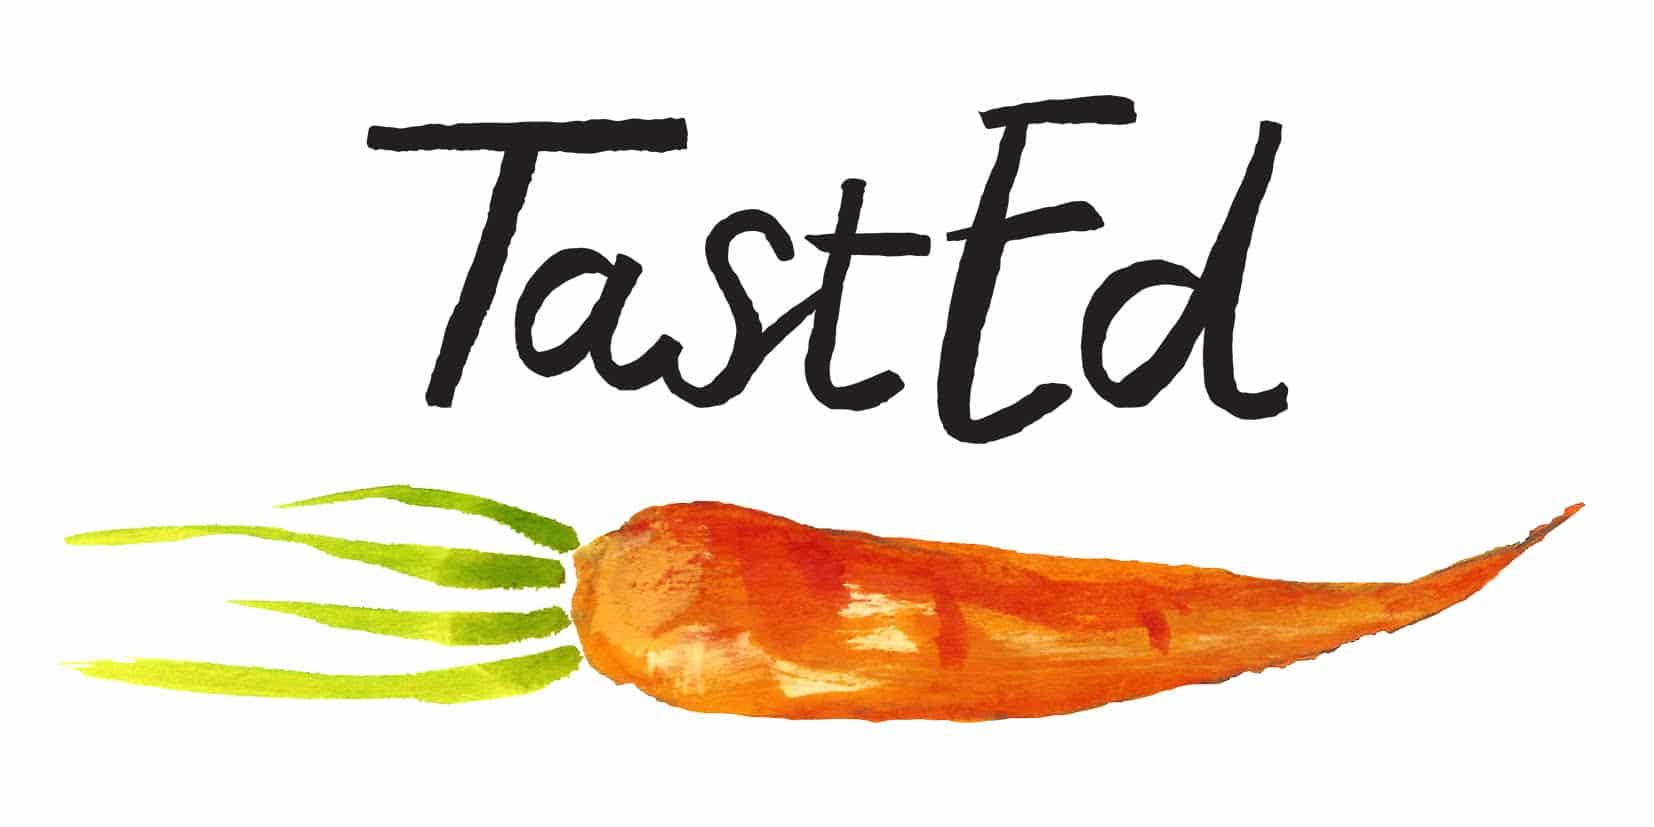 TastEd